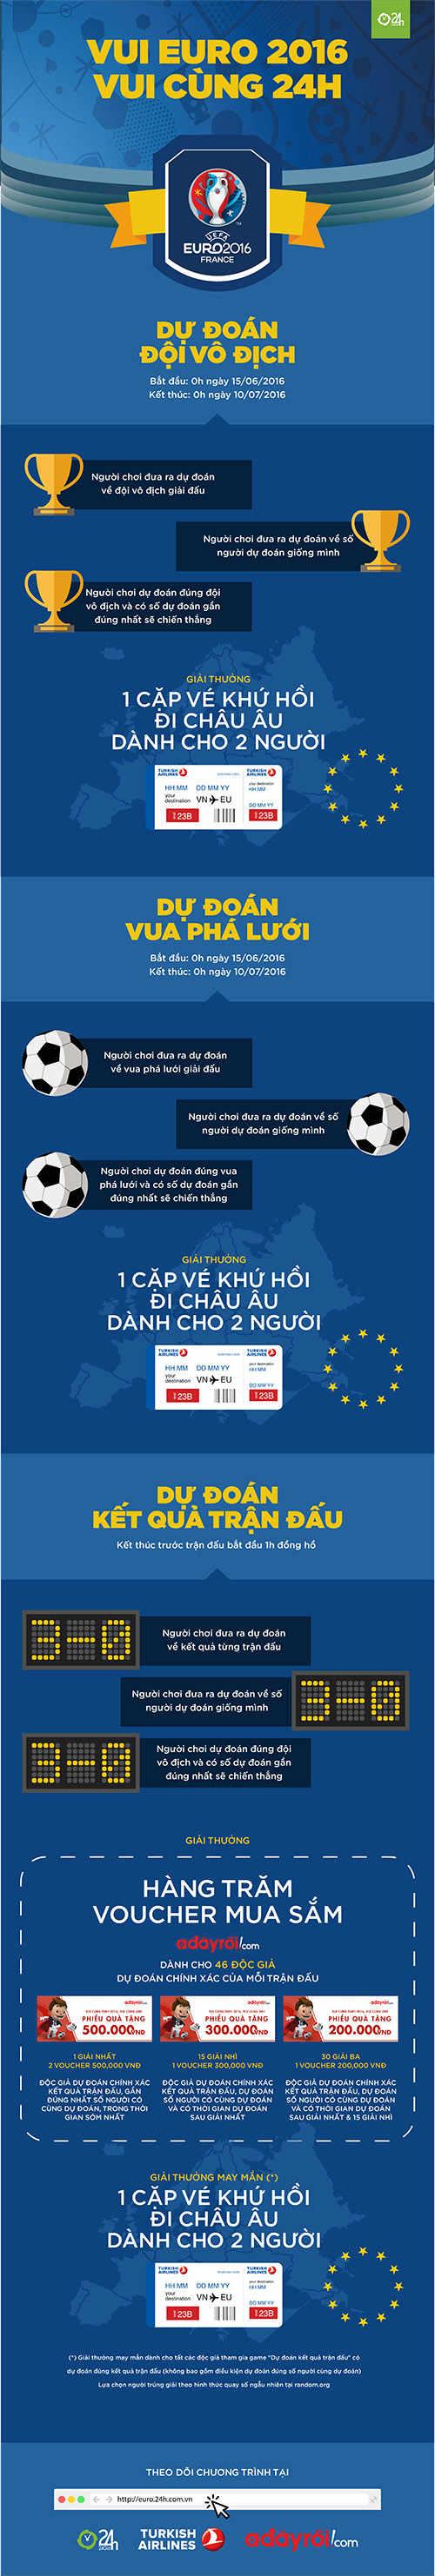 Thắp lửa vòng Tứ kết Euro 2016 với giải thưởng hấp dẫn - 2